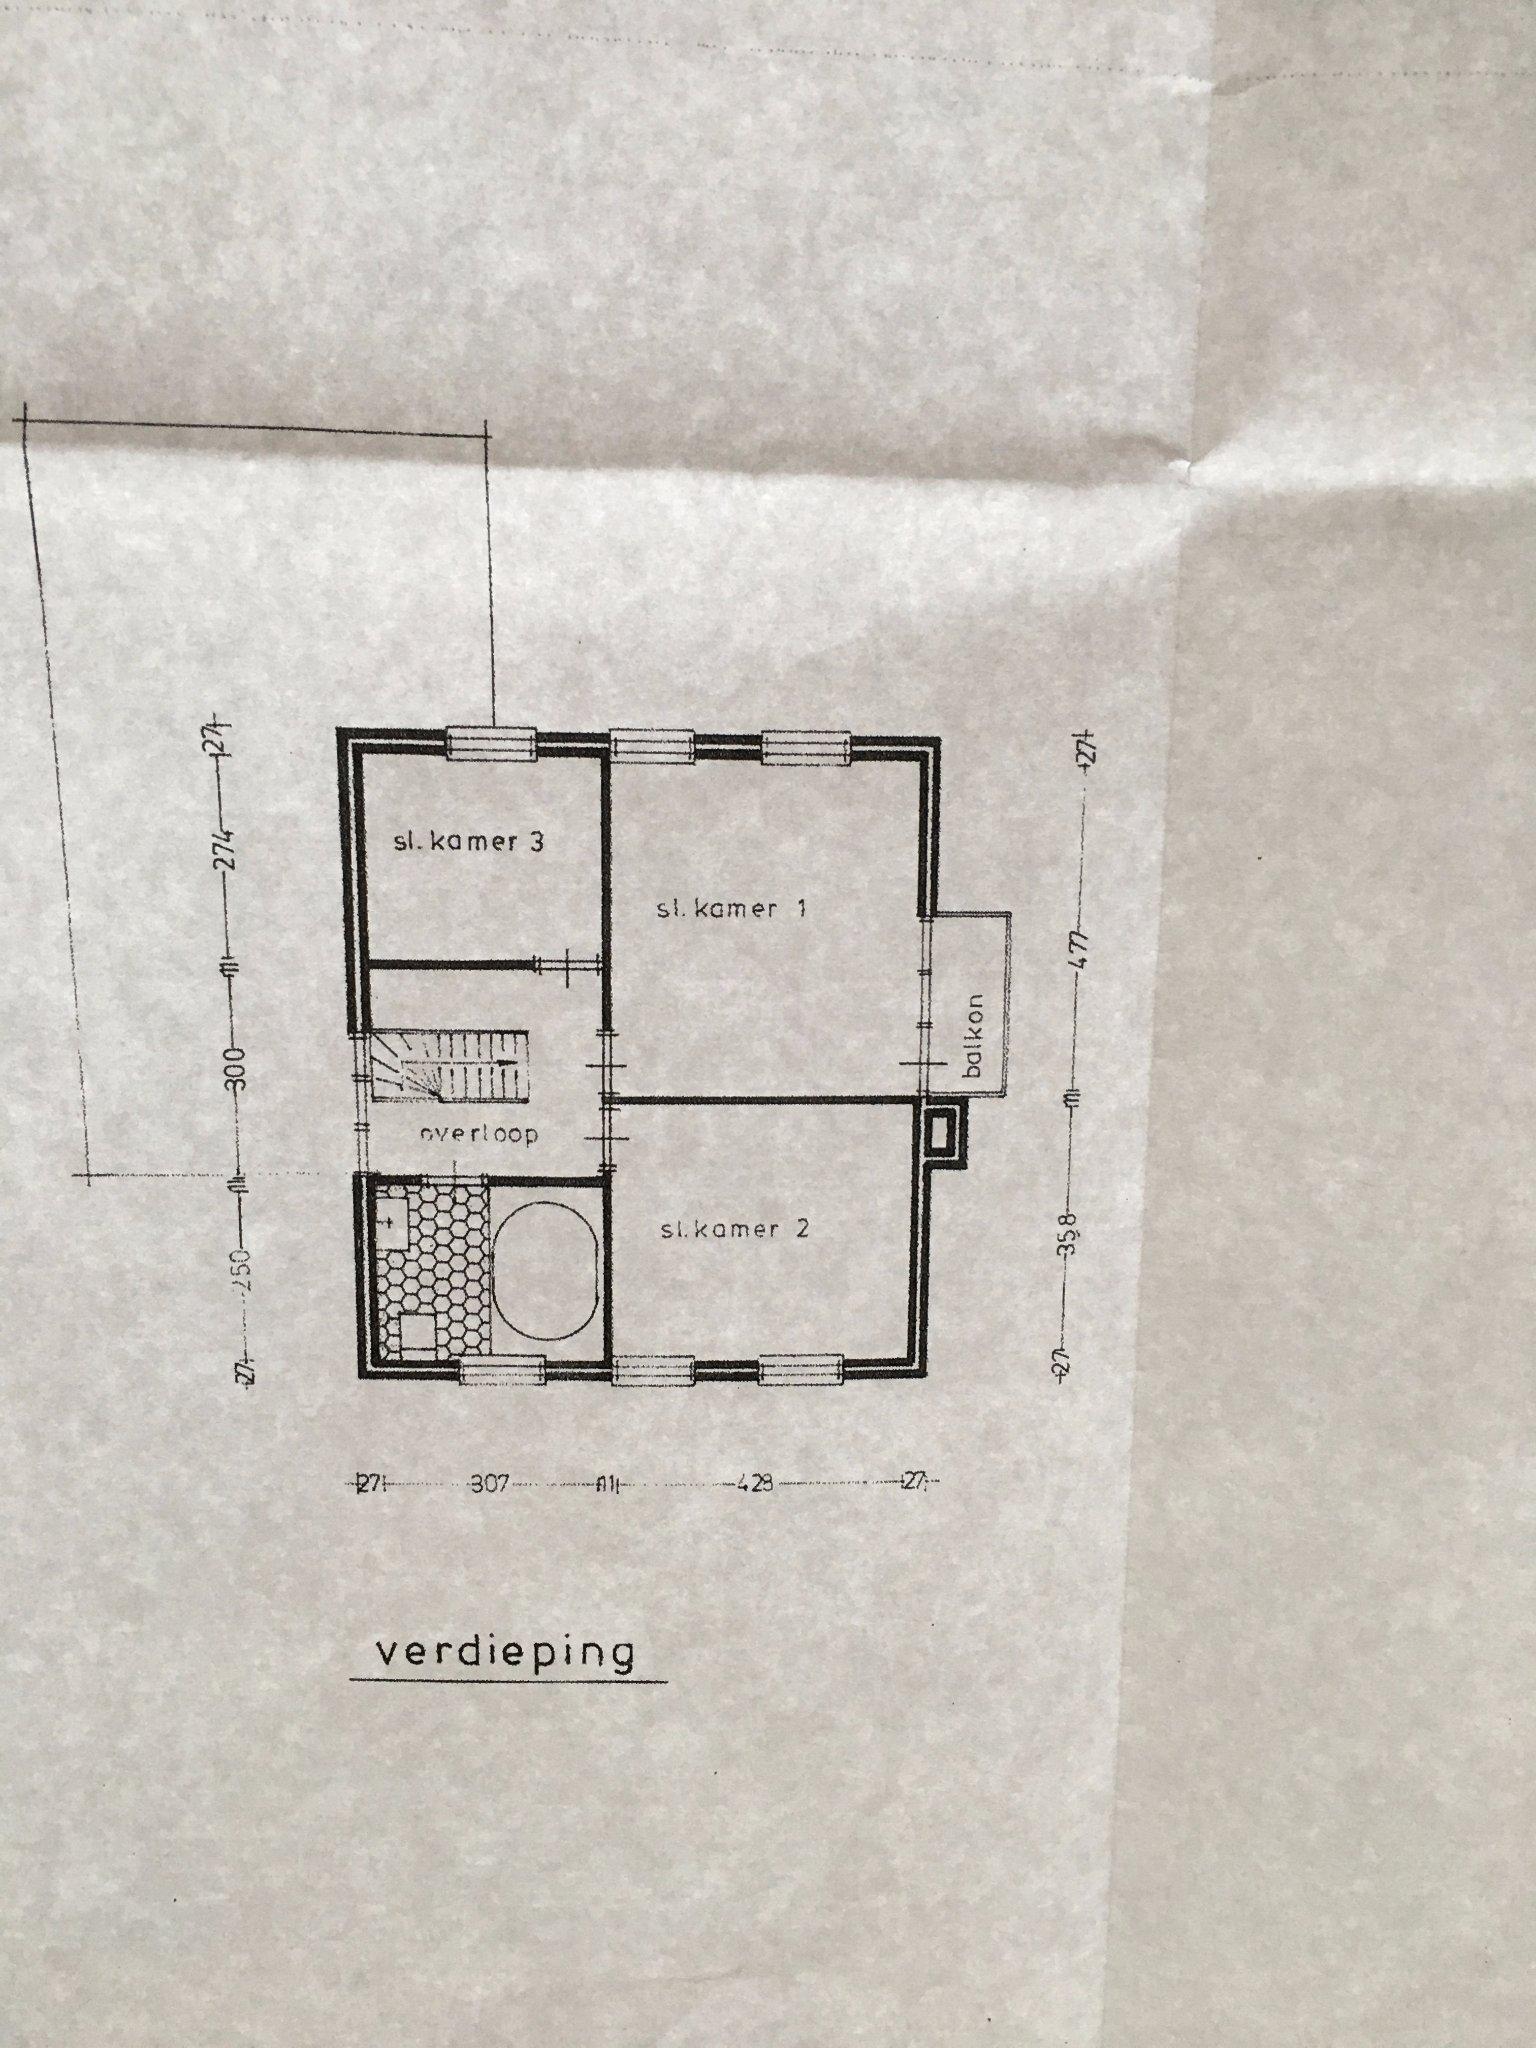 aanbrengen cv-installatie, vloerverwarming en ventilatiesysteem ...